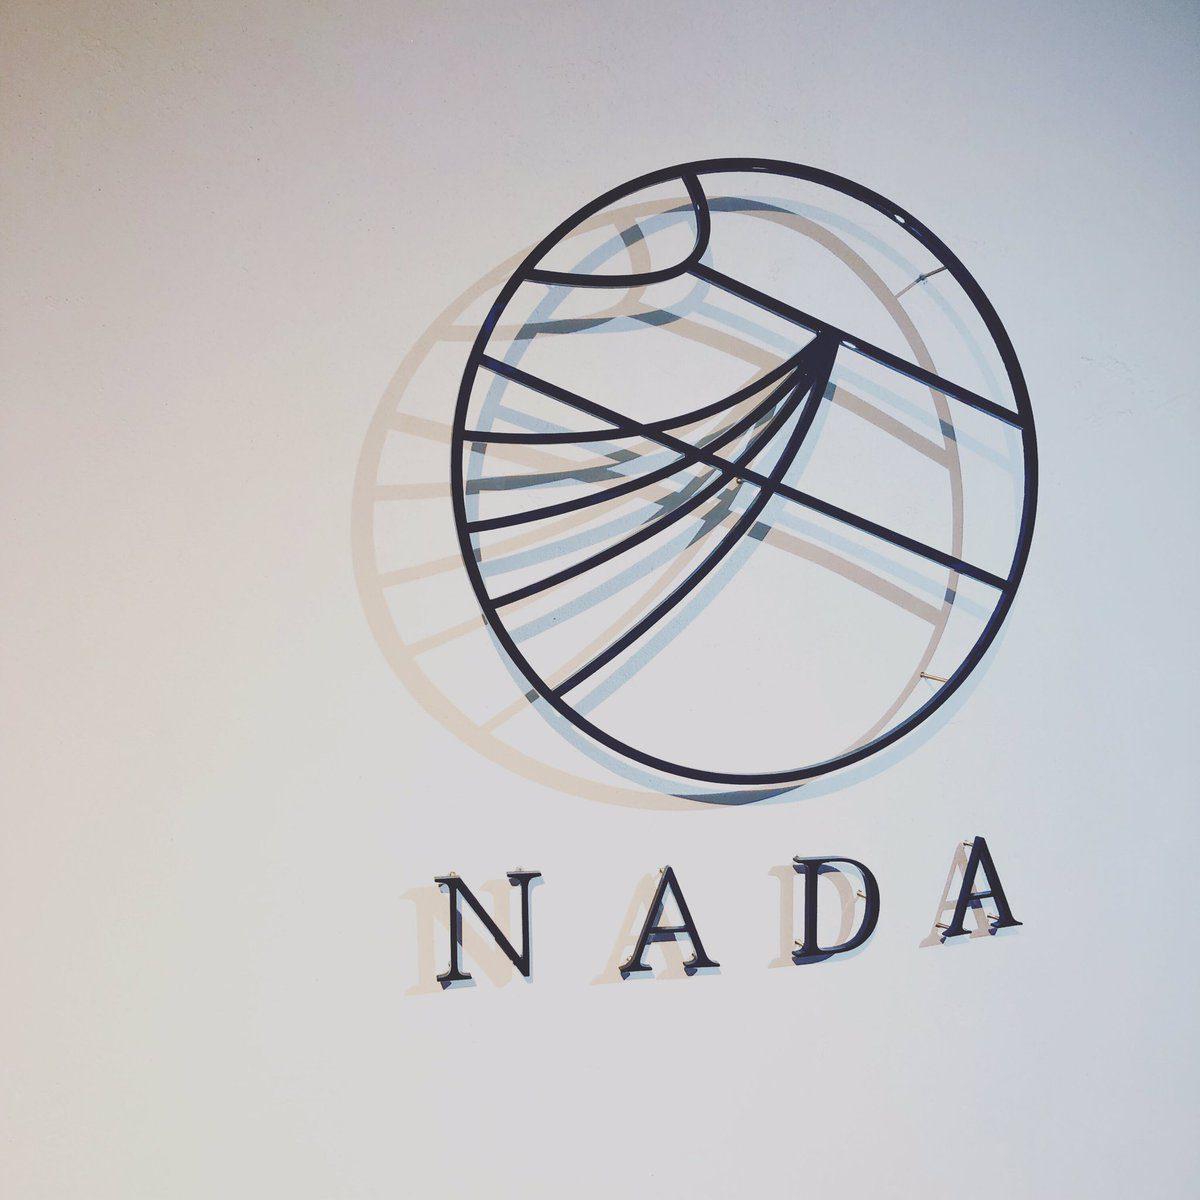 NADAのコロナウイルス対策